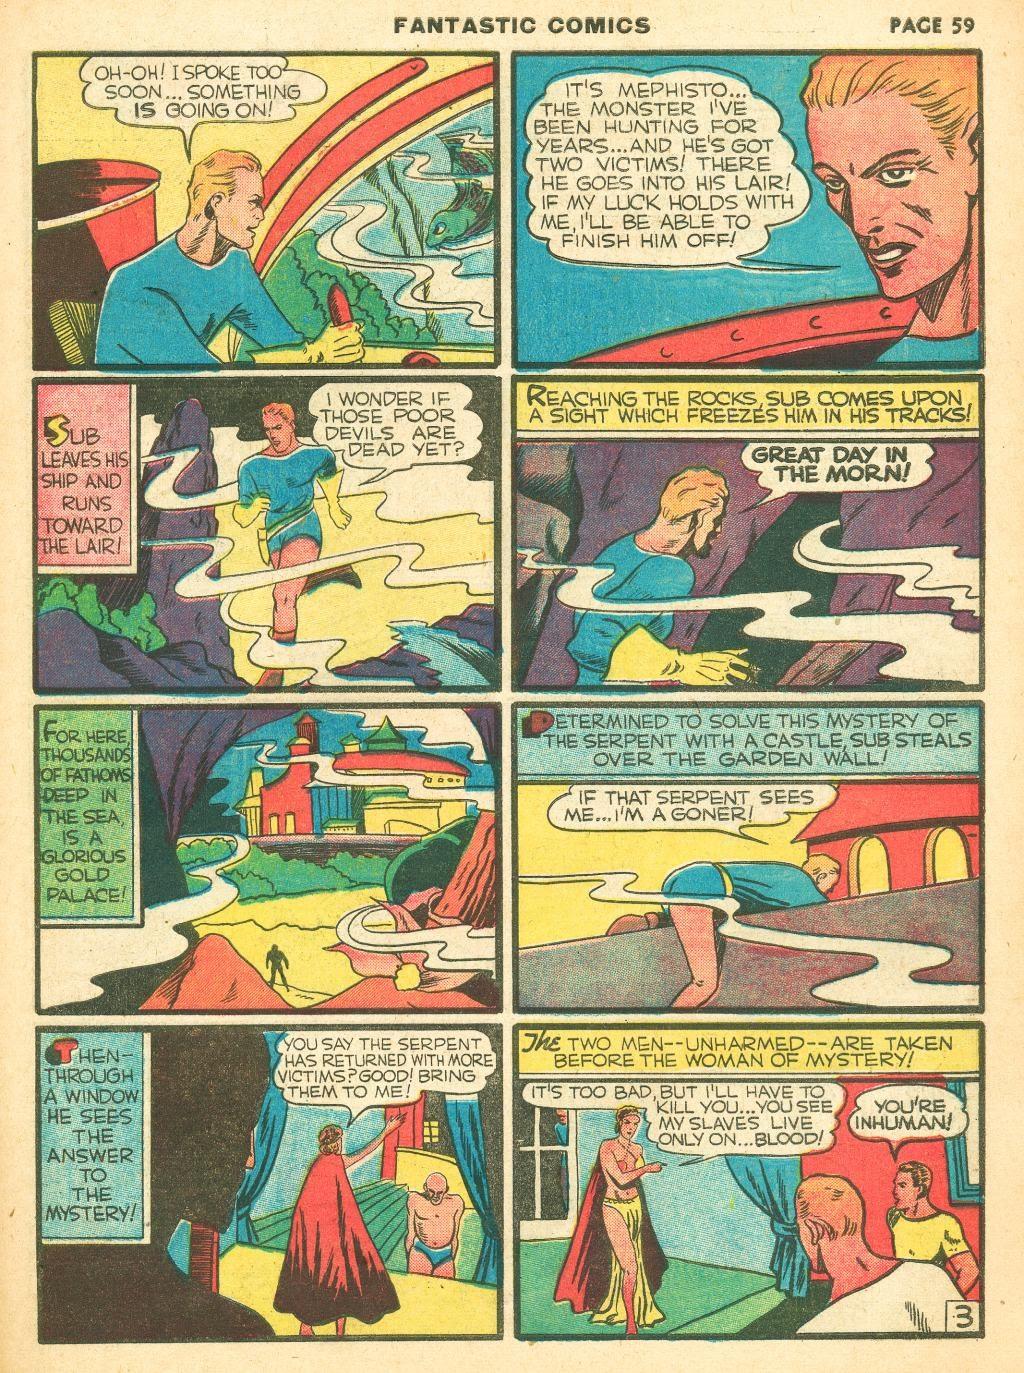 Read online Fantastic Comics comic -  Issue #12 - 61